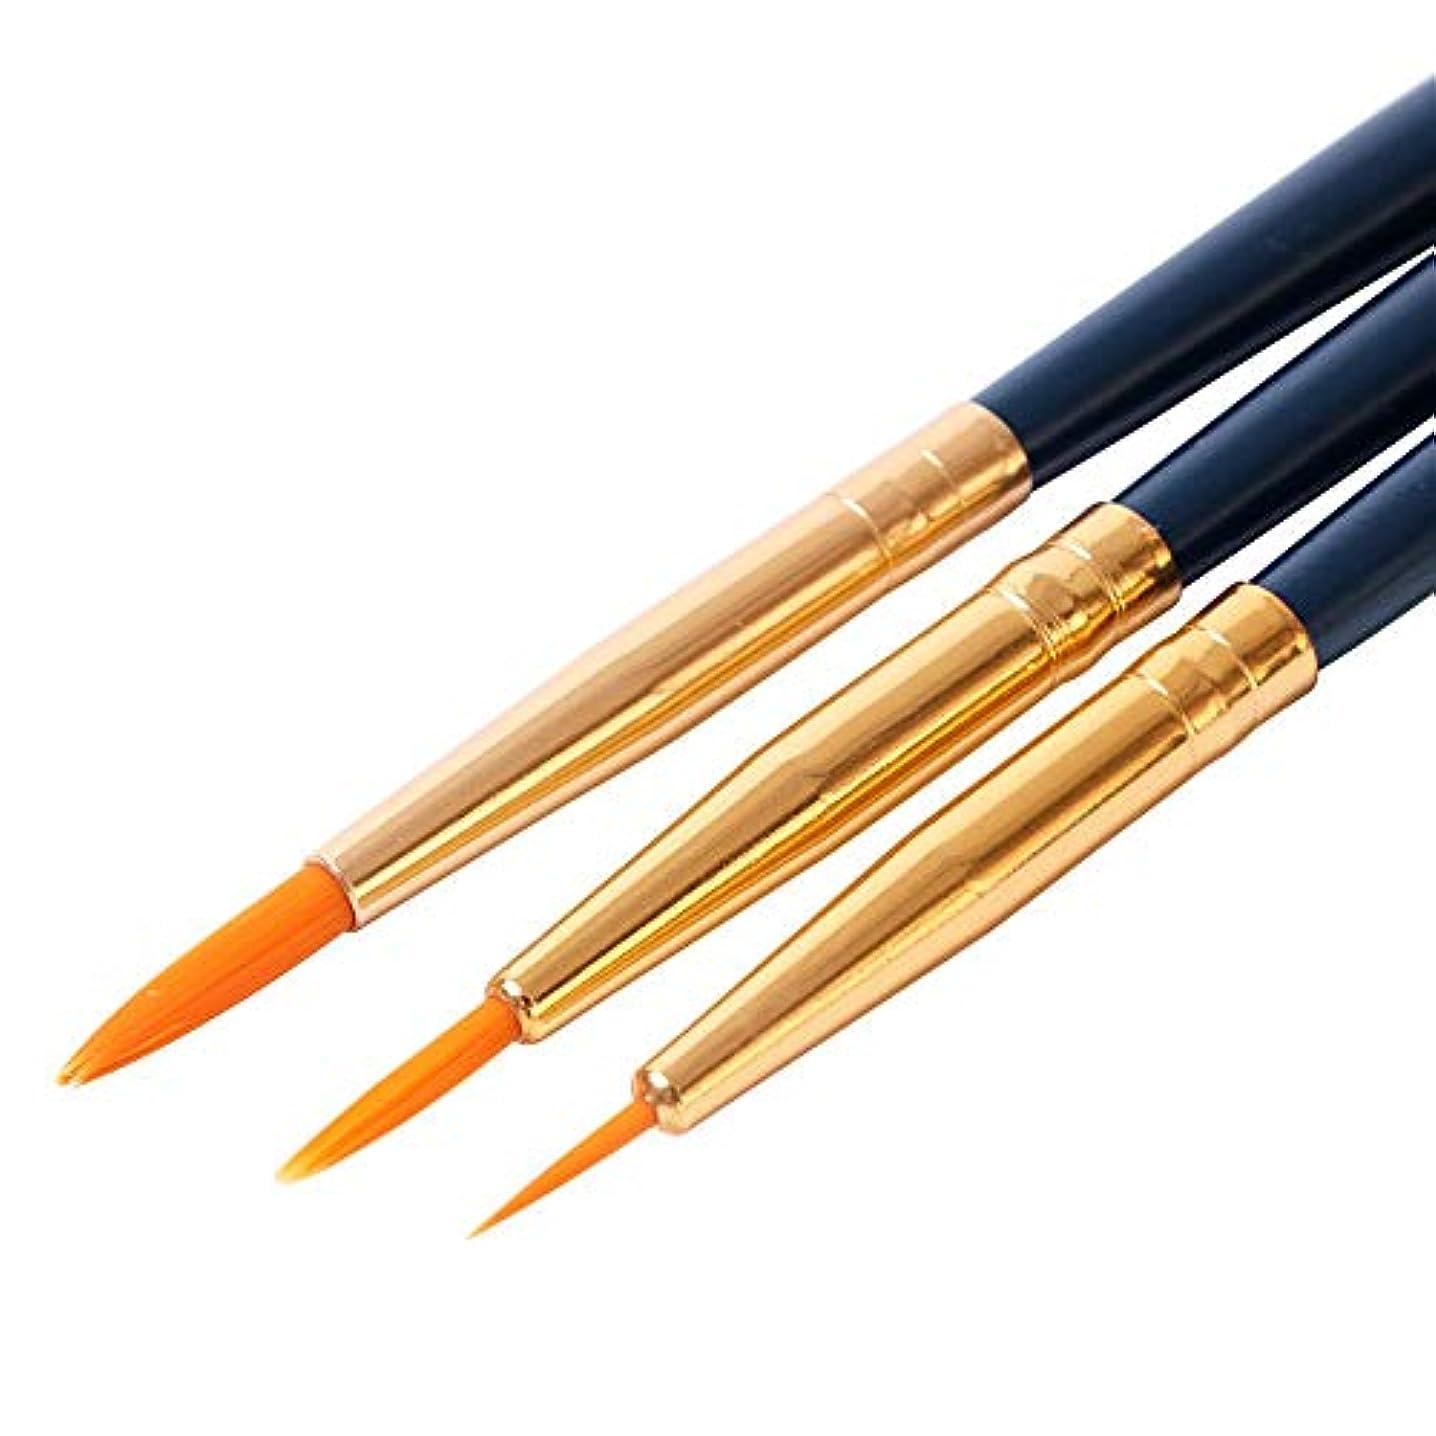 ハッピー特異な不合格1ピースアクリル彫刻ブラシネイルアート絵画ライナーブラシペンセットuvジェルネイルポリッシュフラワーストライプ描画マニキュアツールSA817